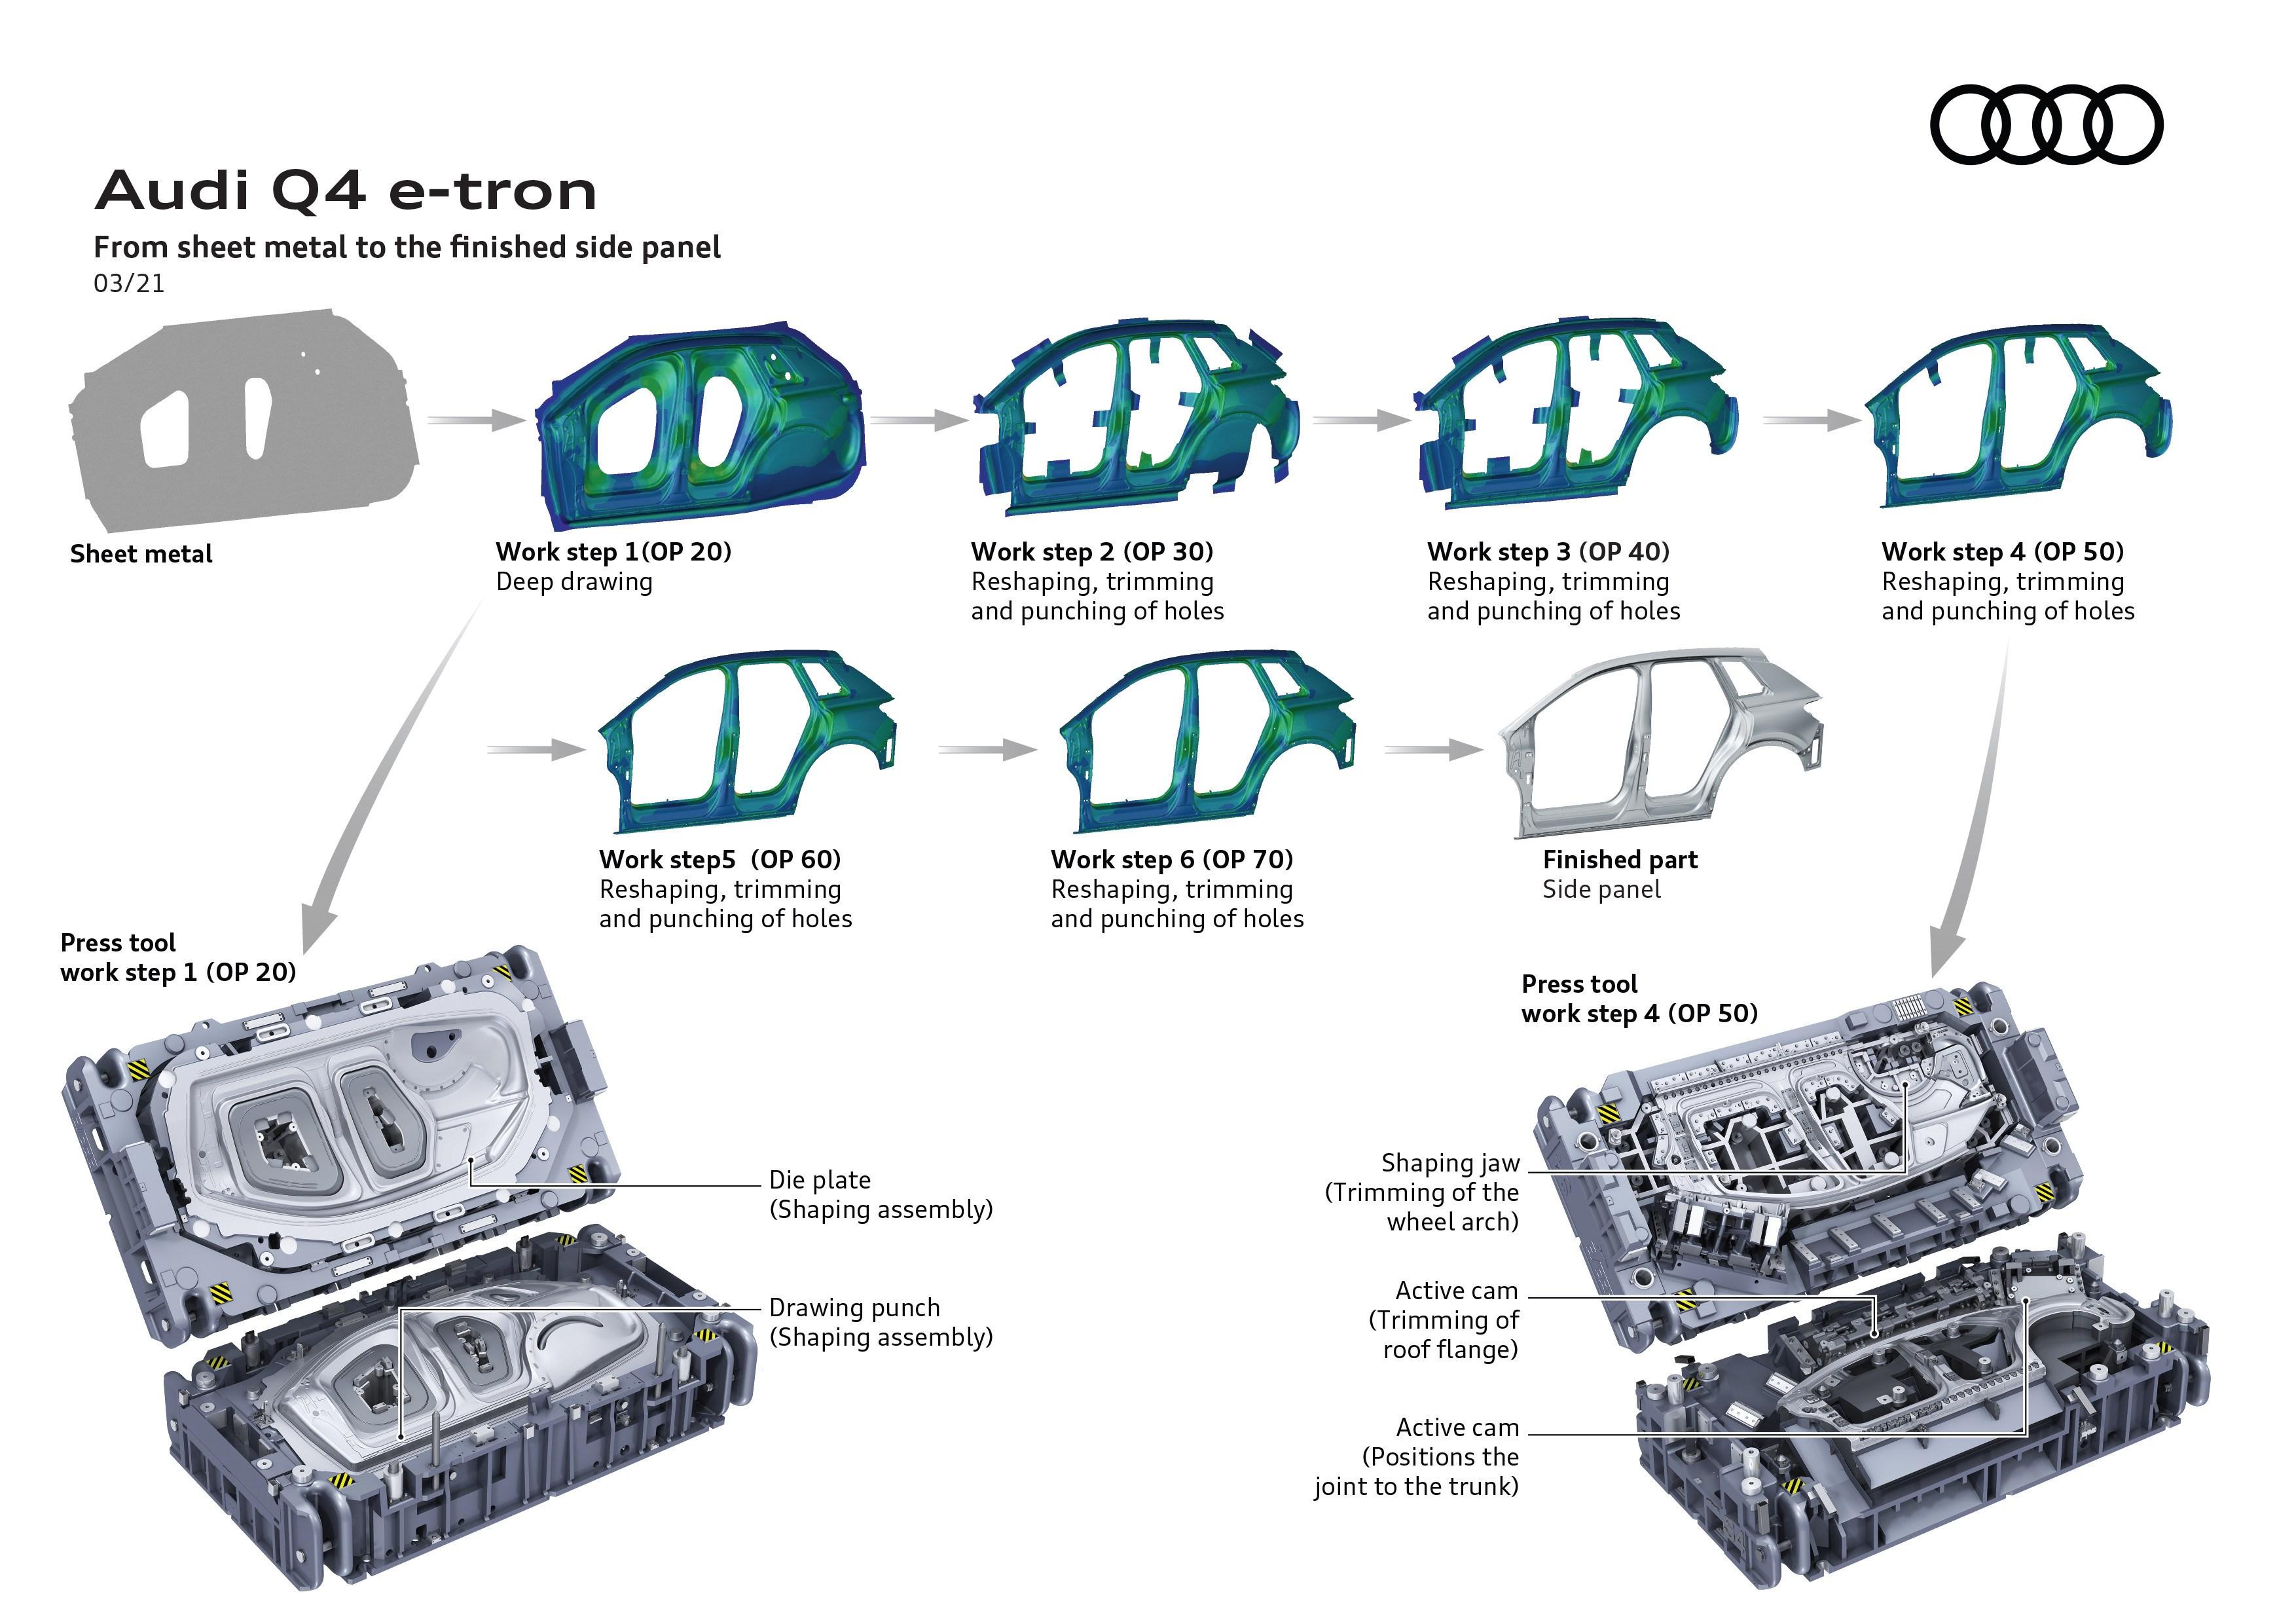 プレスラインの精緻さで定評あるアウディが新型「Q4 e-tron」に使われる高度な金型技術を公開